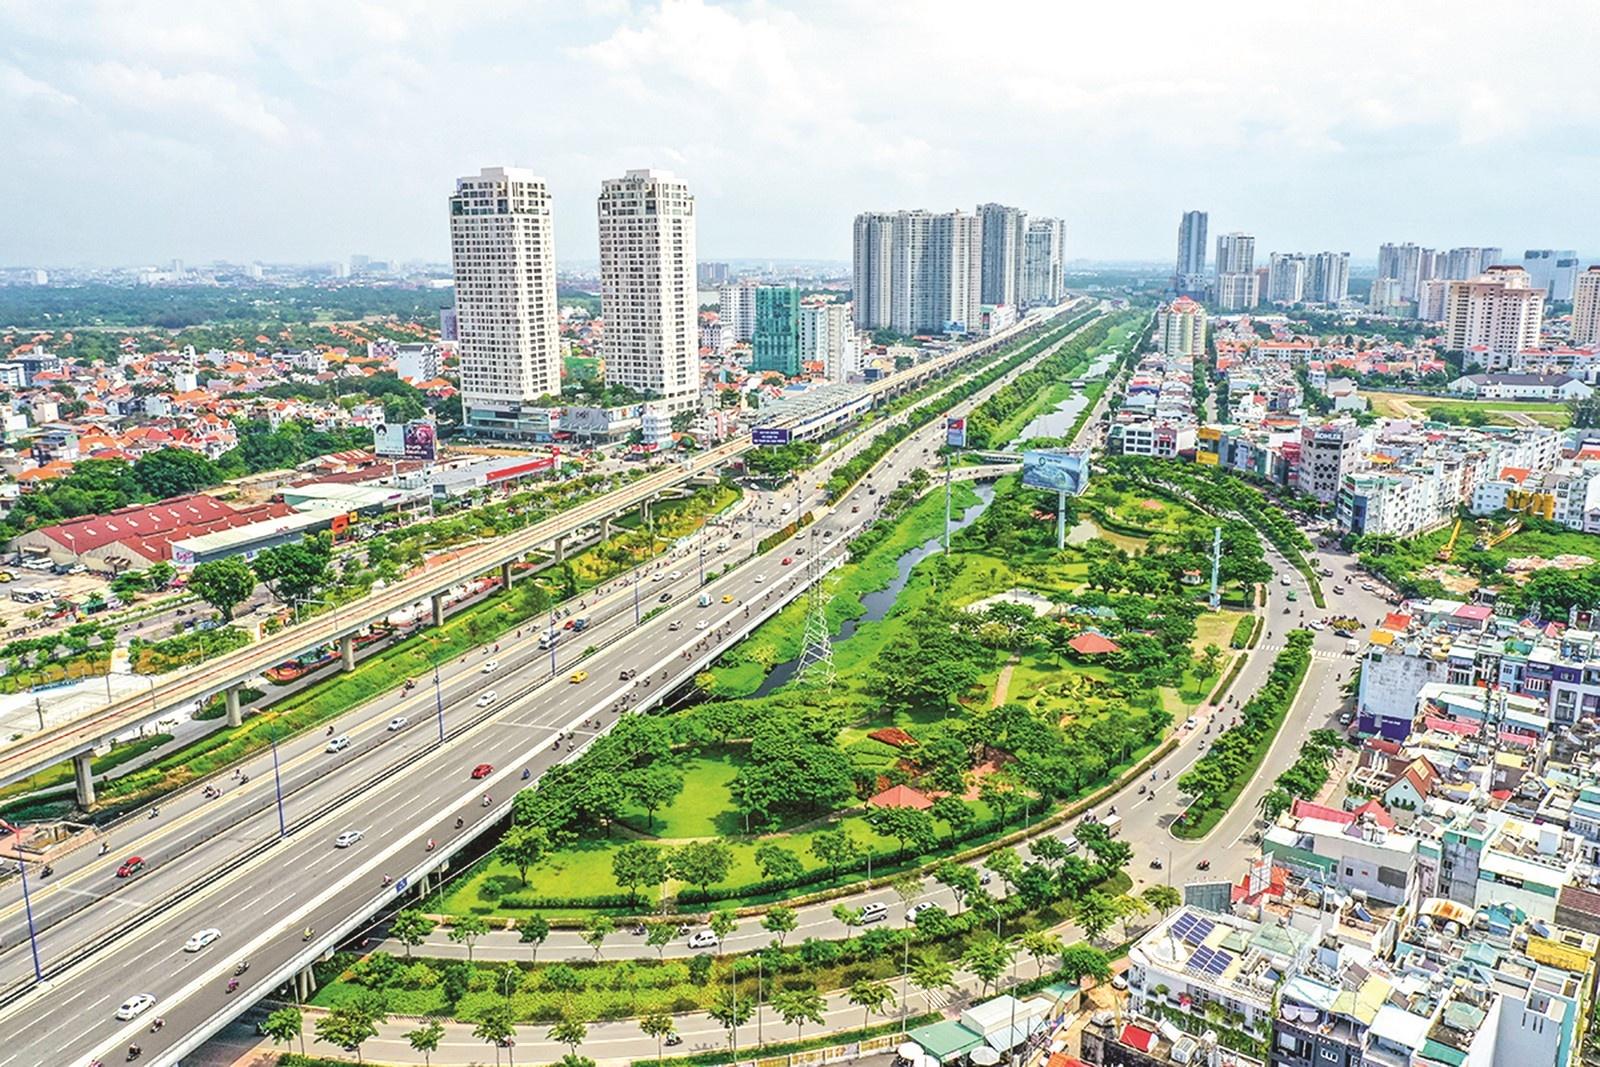 Hậu Covid-19, thị trường bất động sản sẽ phục hồi trở lại và trên thị trường sẽ xuất hiện nhiều sản phẩm, mô hình mới đáp ứng được nhu cầu của người dân và đảm bảo một tương lai bền vững với khả năng thích ứng cao.